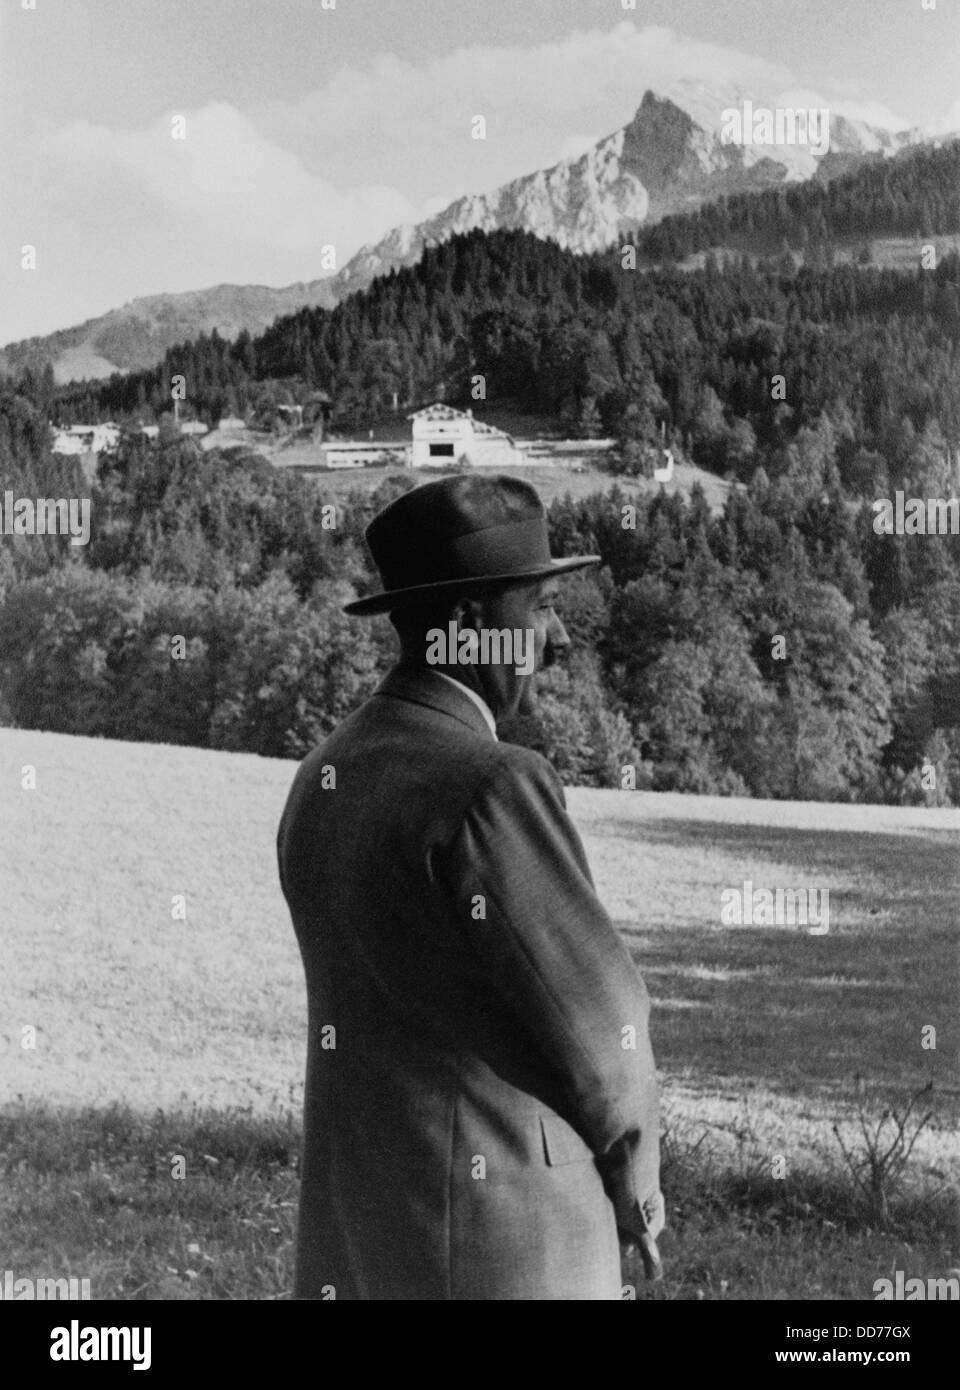 German House Designs: Adolf Hitler In The Mountains Stock Photos & Adolf Hitler